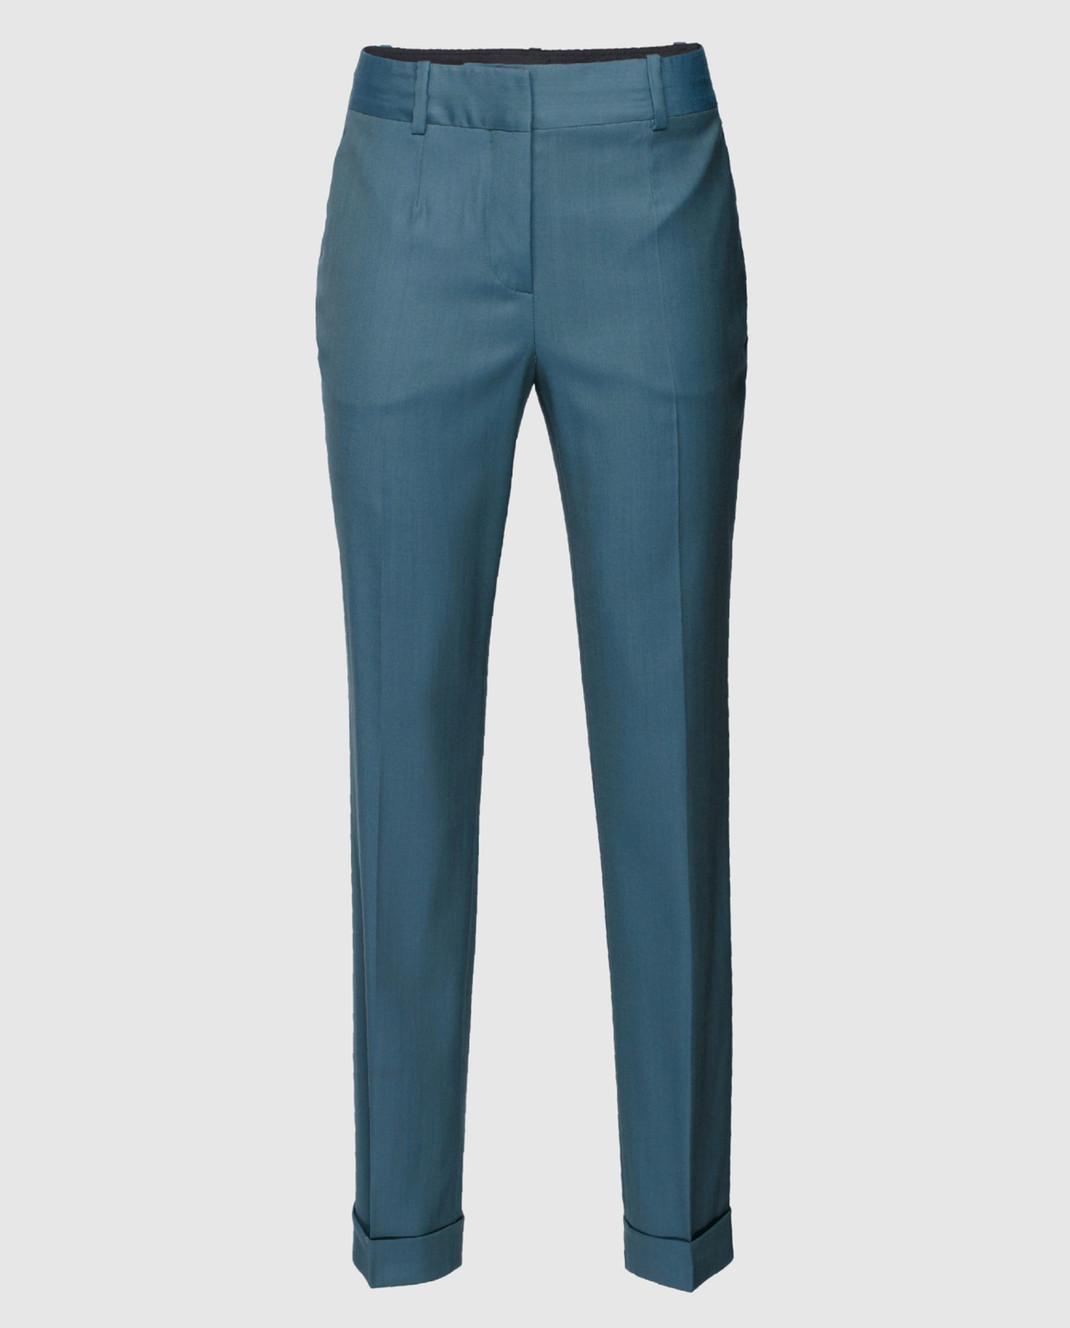 Maison Ullens Светло-синие брюки из шерсти изображение 1